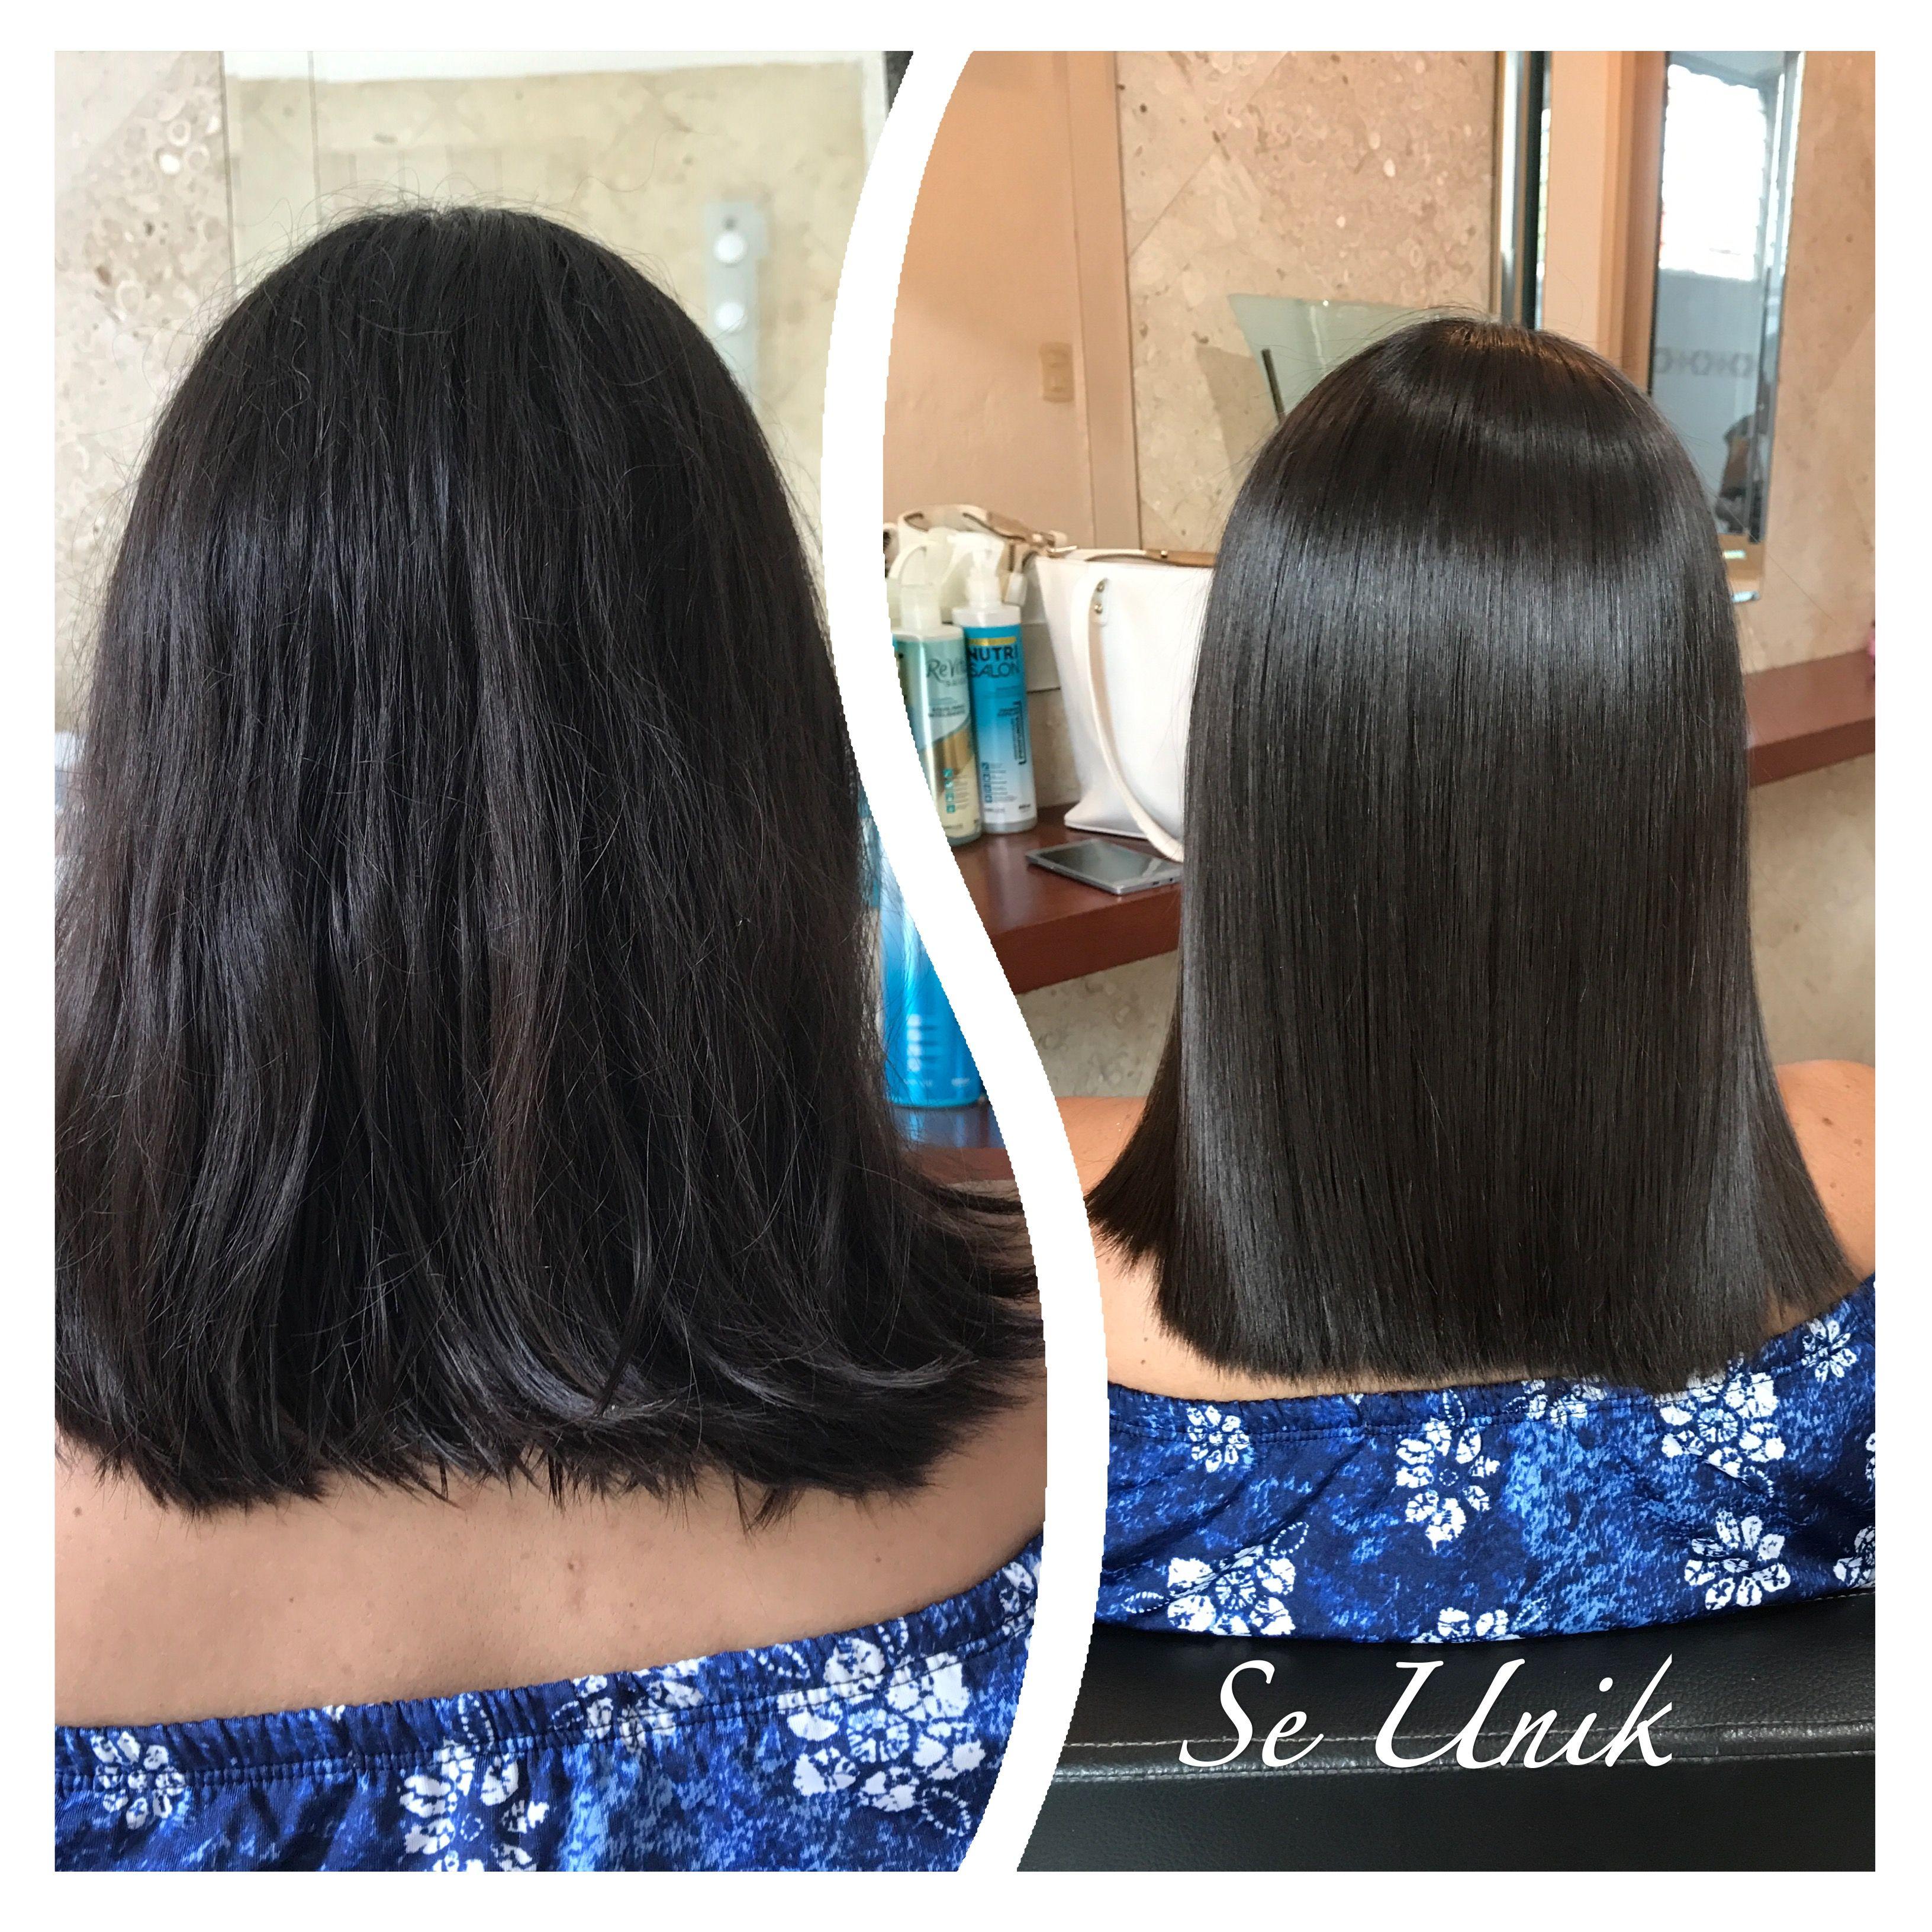 extensiones pelo antes y despues de adelgazar